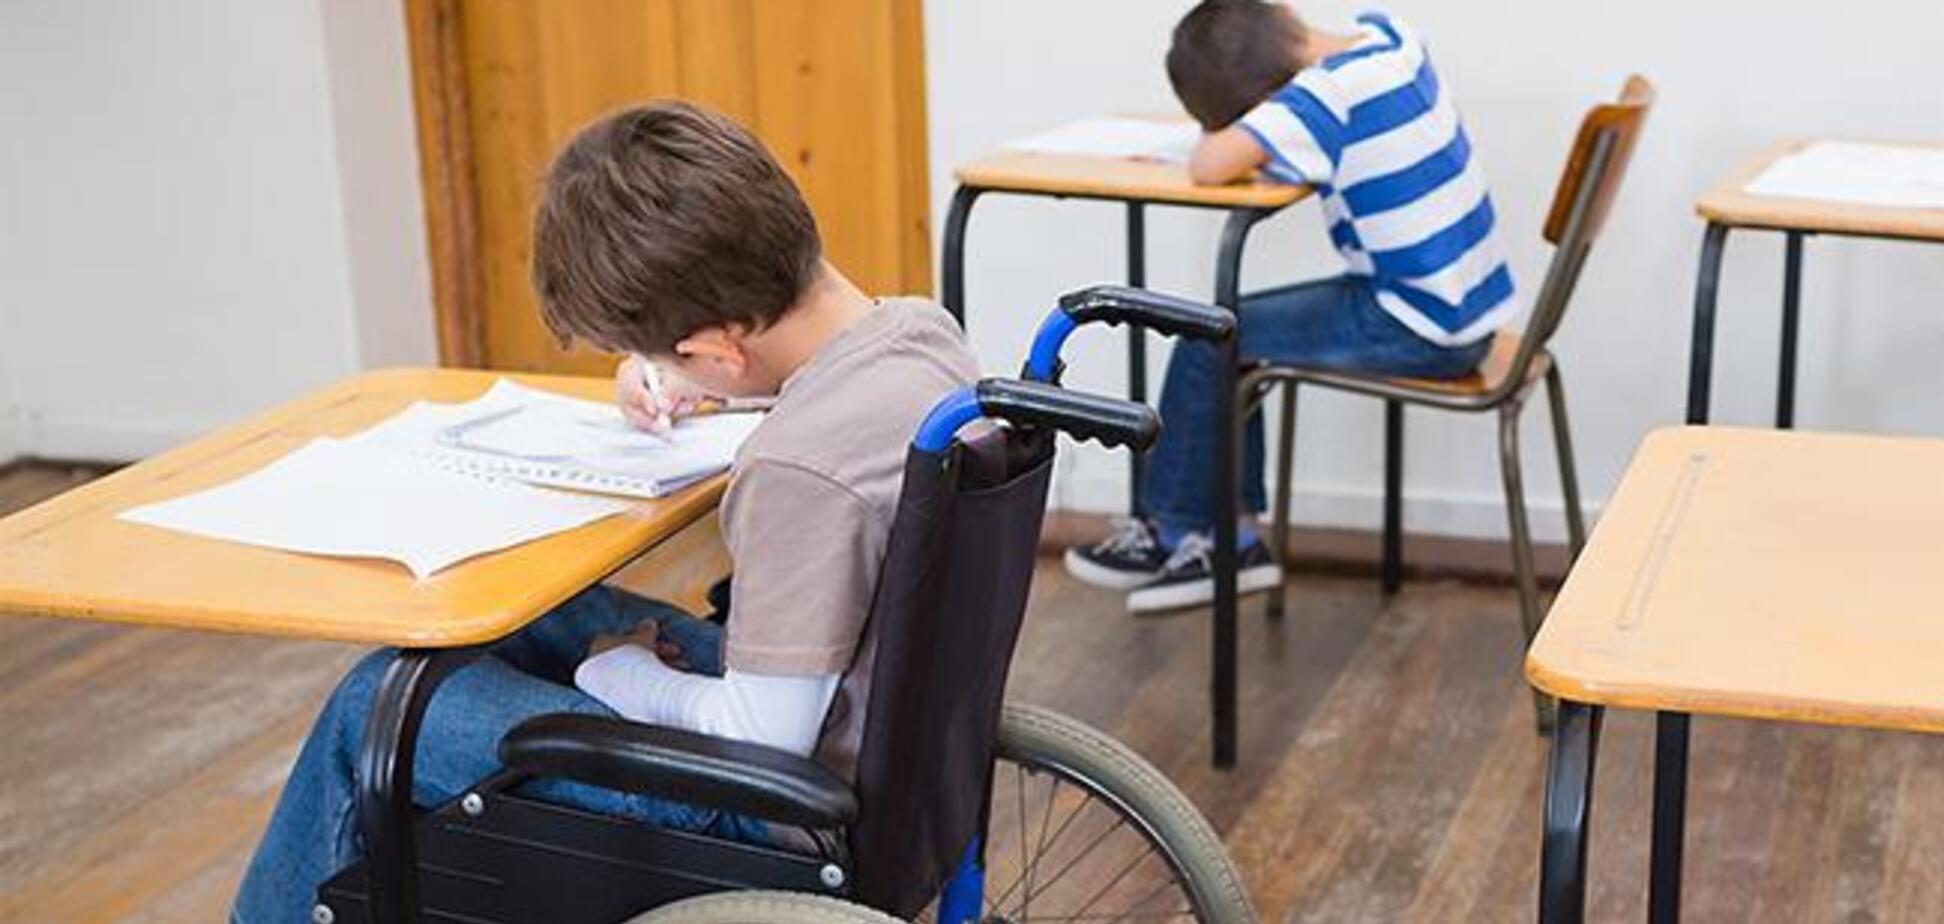 Украина не готова к инклюзивной школе: психолог назвала виновных